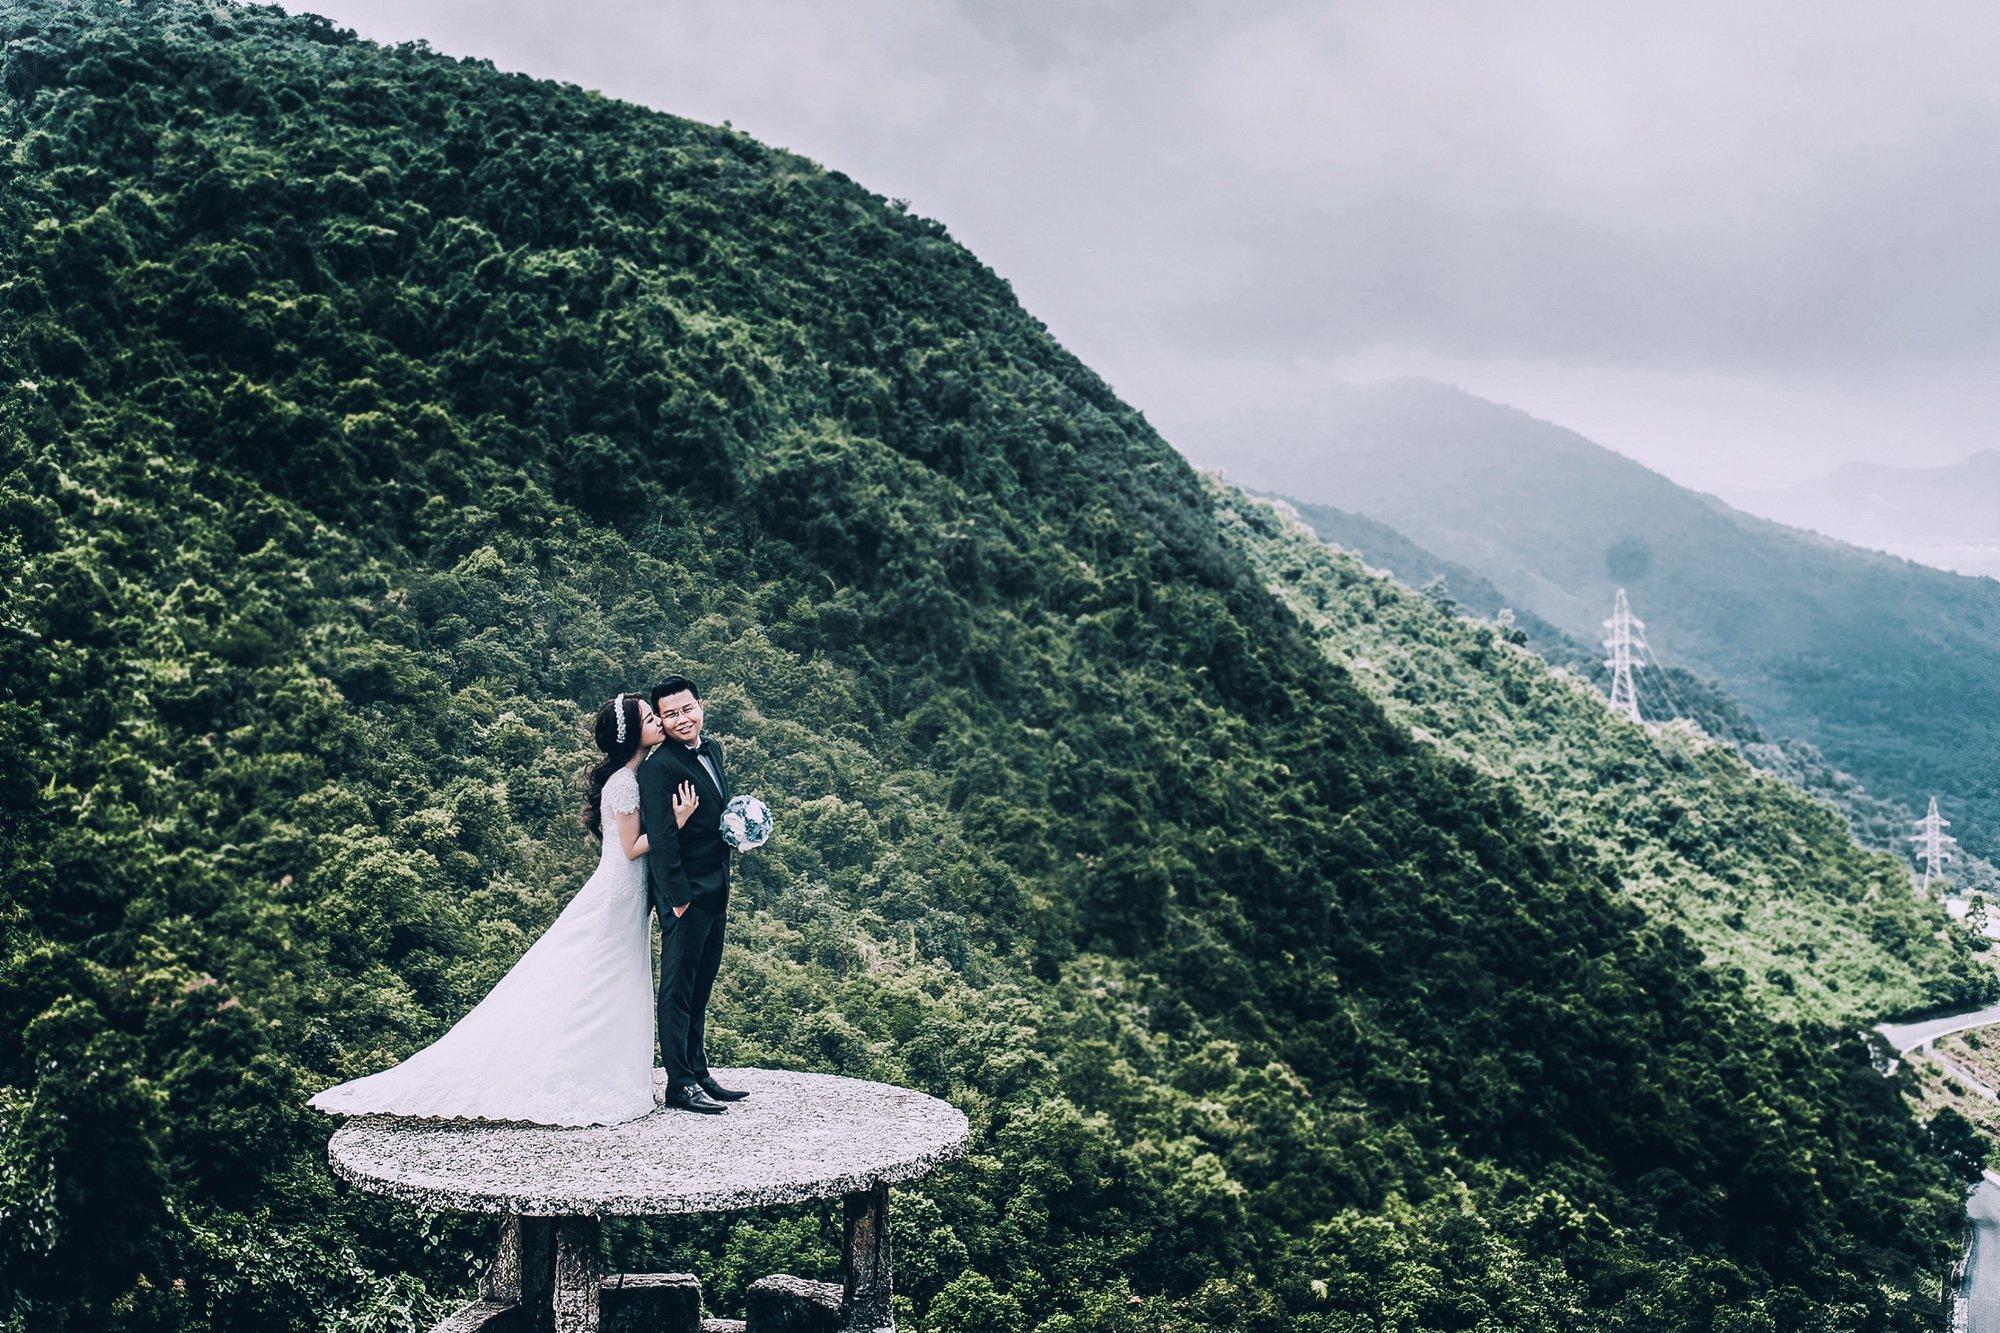 Bộ ảnh cưới xuyên Việt của cô dâu Nam Định cùng đại gia Sài Gòn 5